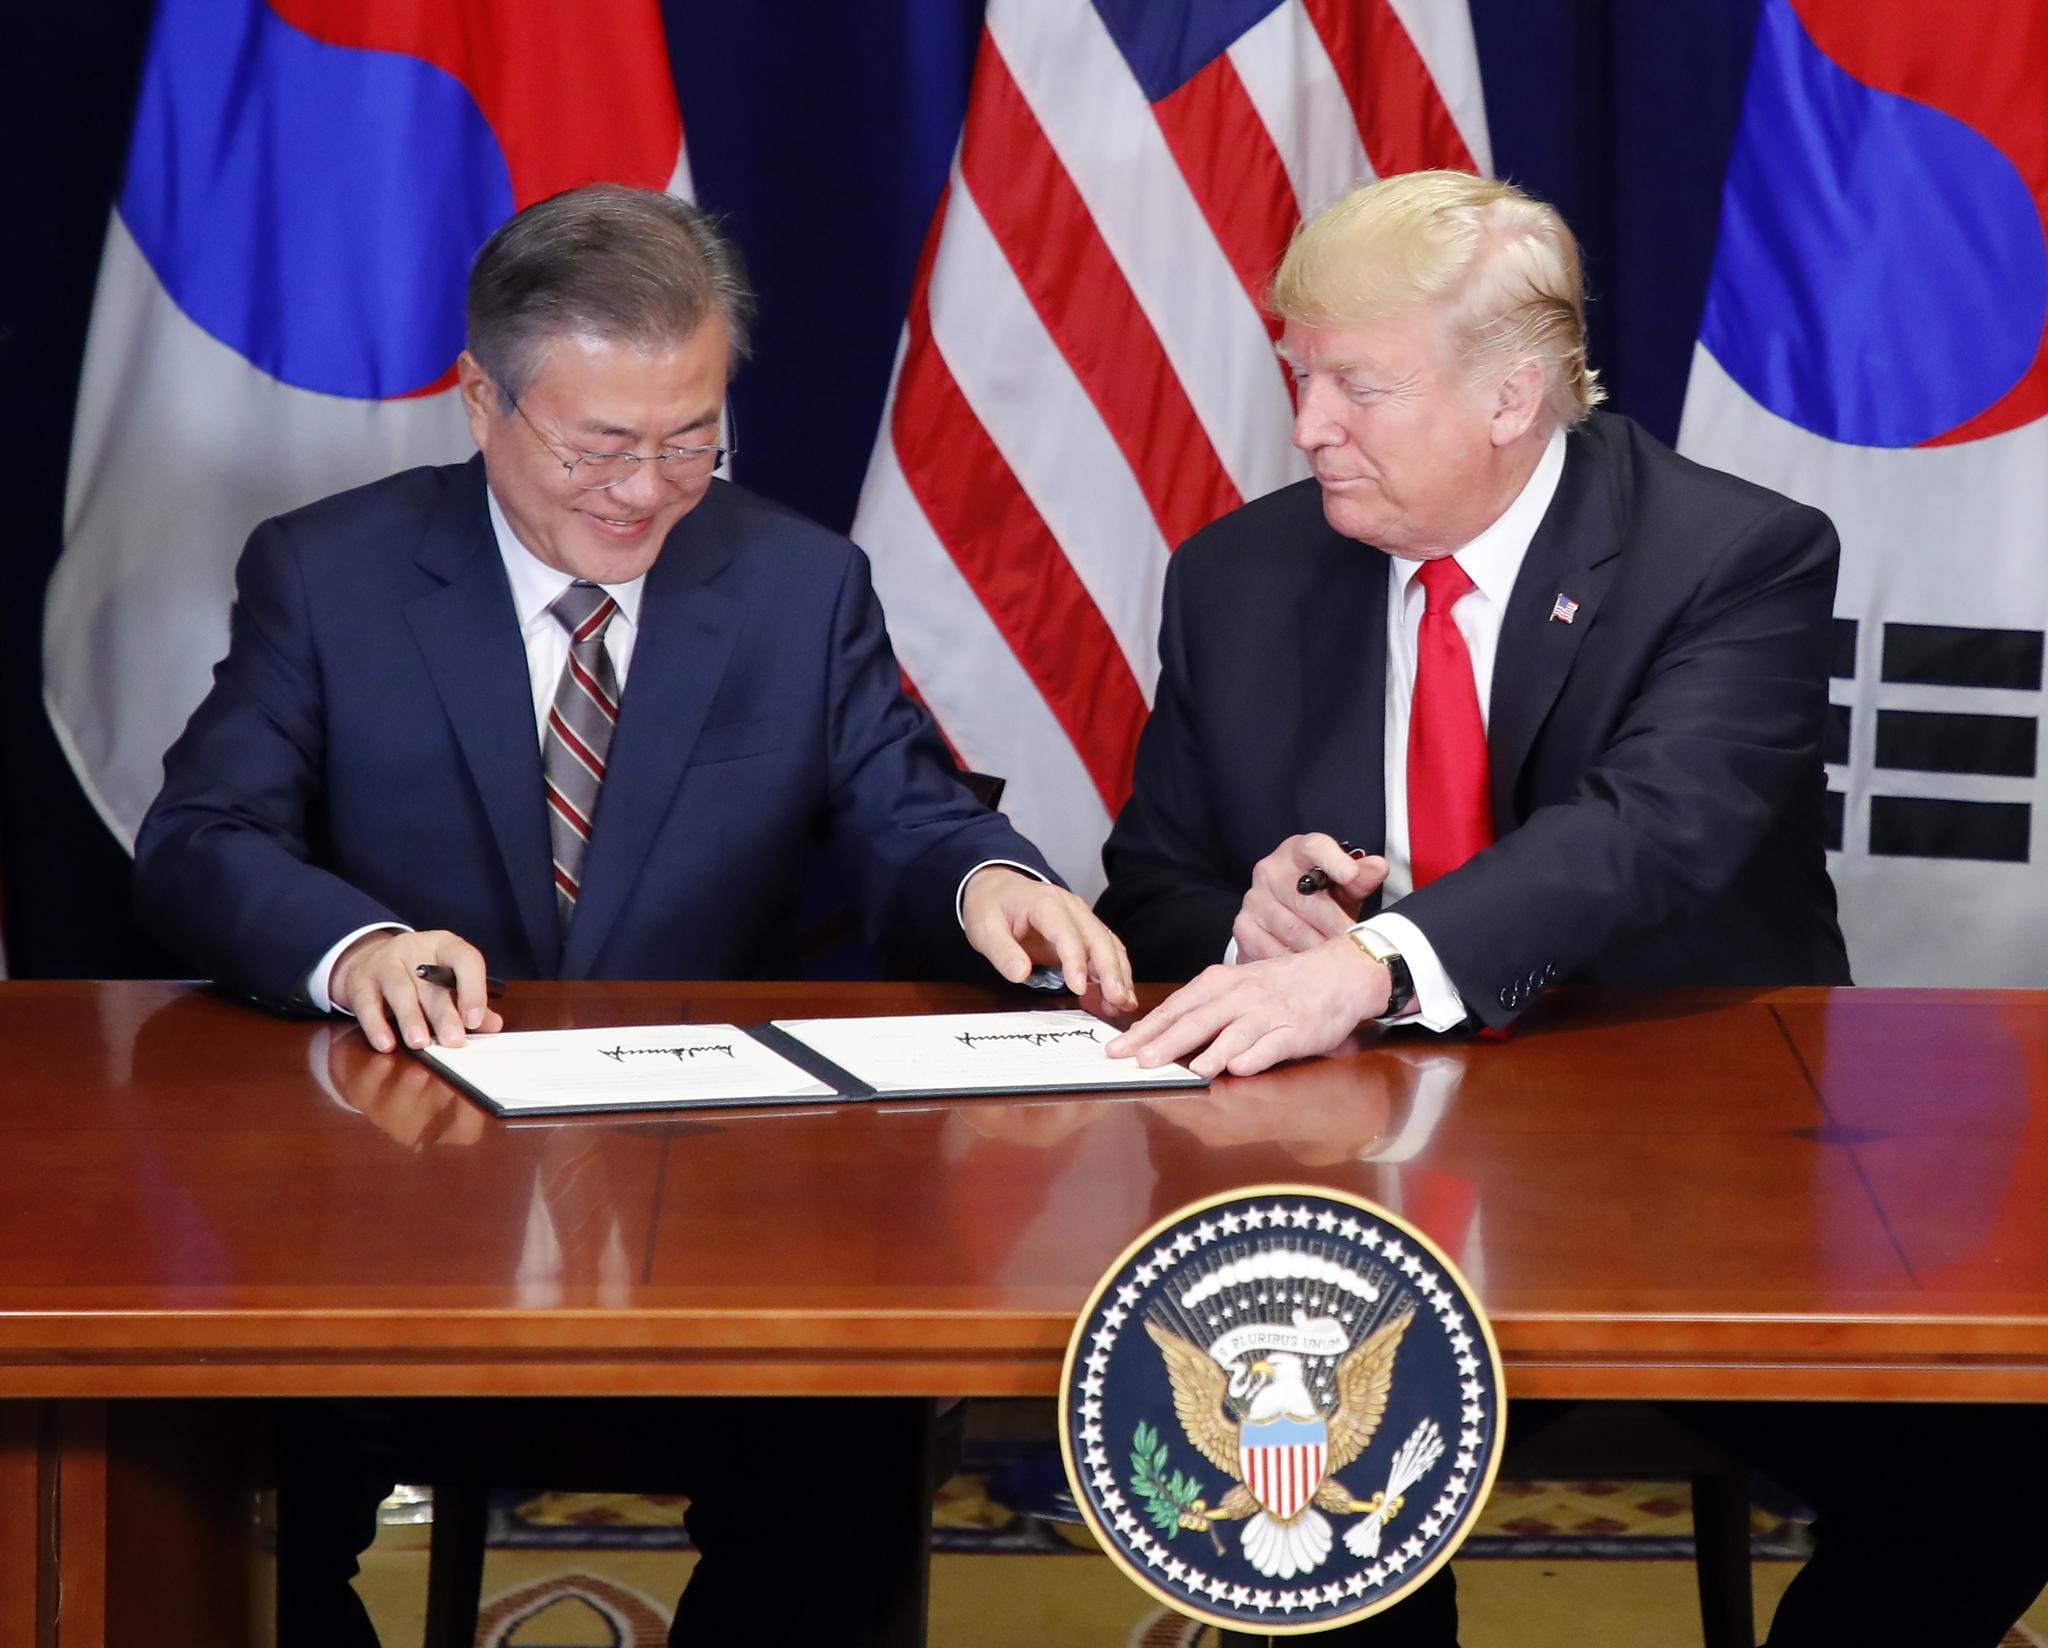 문재인 대통령과 트럼프 대통령이 24일 미국 뉴욕 롯데 뉴욕팰리스 호텔에서 열린 '한미 자유무역협정(FTA) 서명식'에서 '한미 자유무역협정(FTA)에 관한 공동성명'에 서명하고 있다. [연합뉴스]